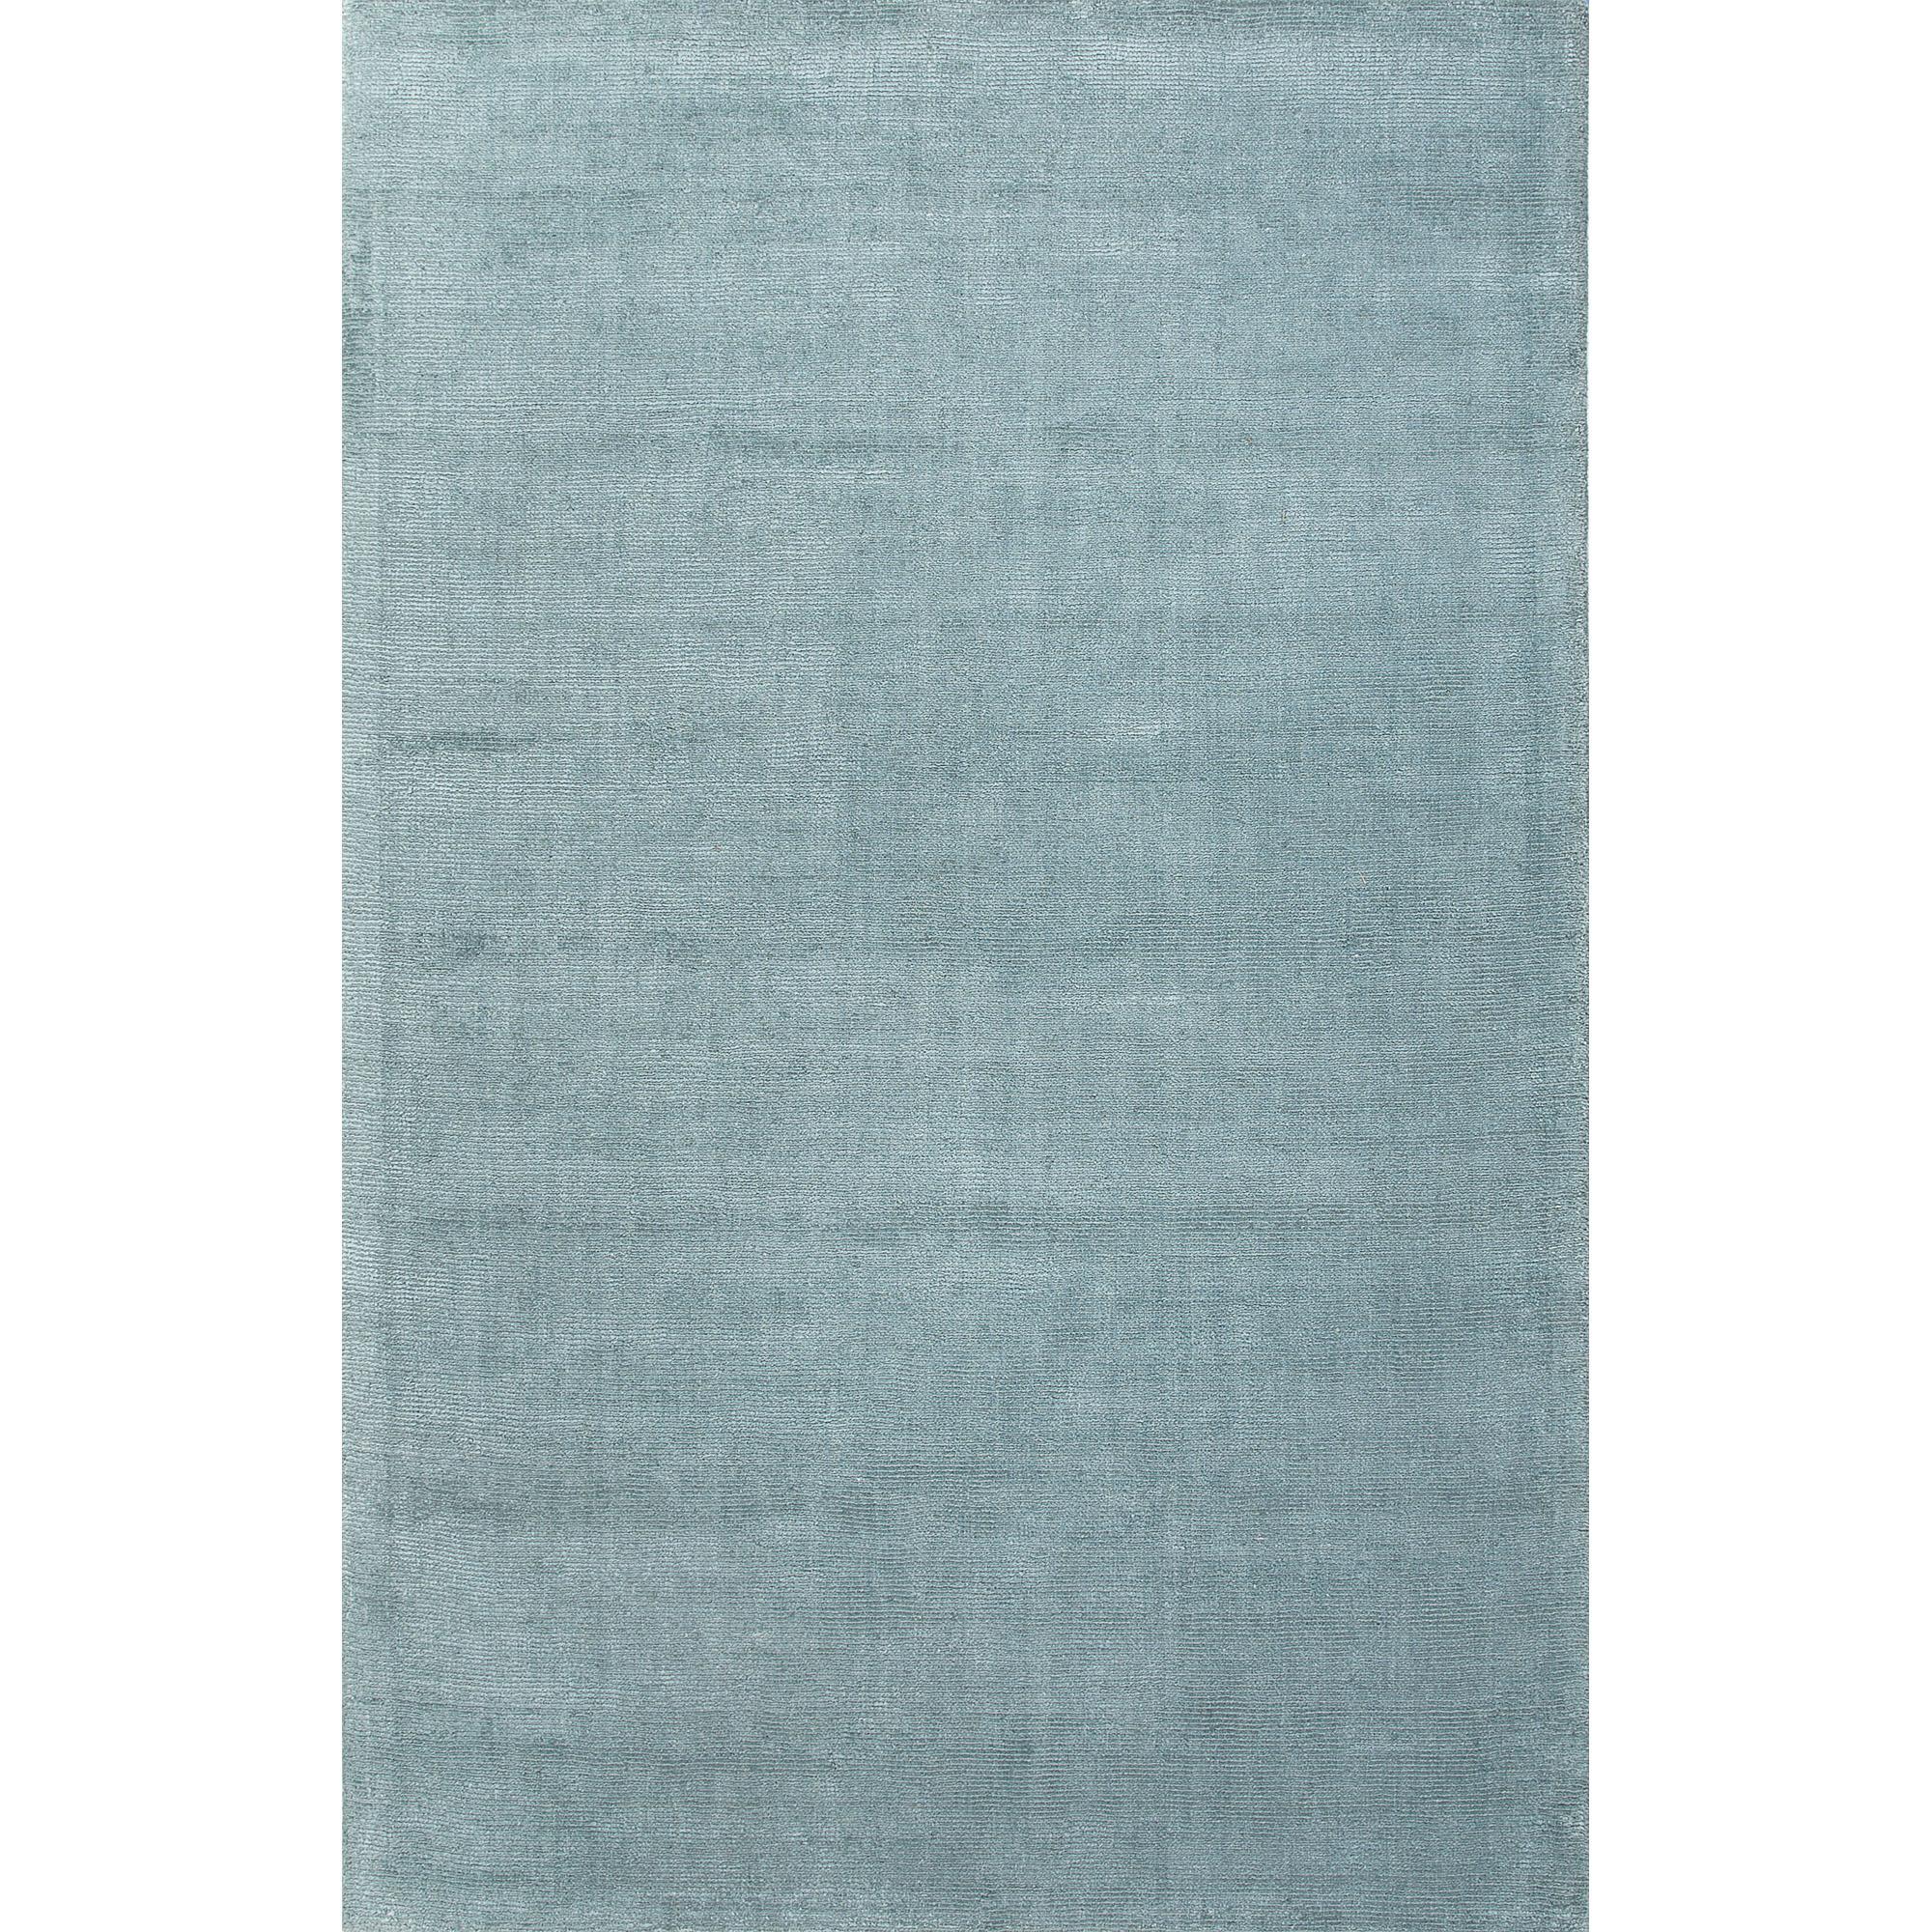 JAIPUR Rugs Konstrukt 5 x 8 Rug - Item Number: RUG106687